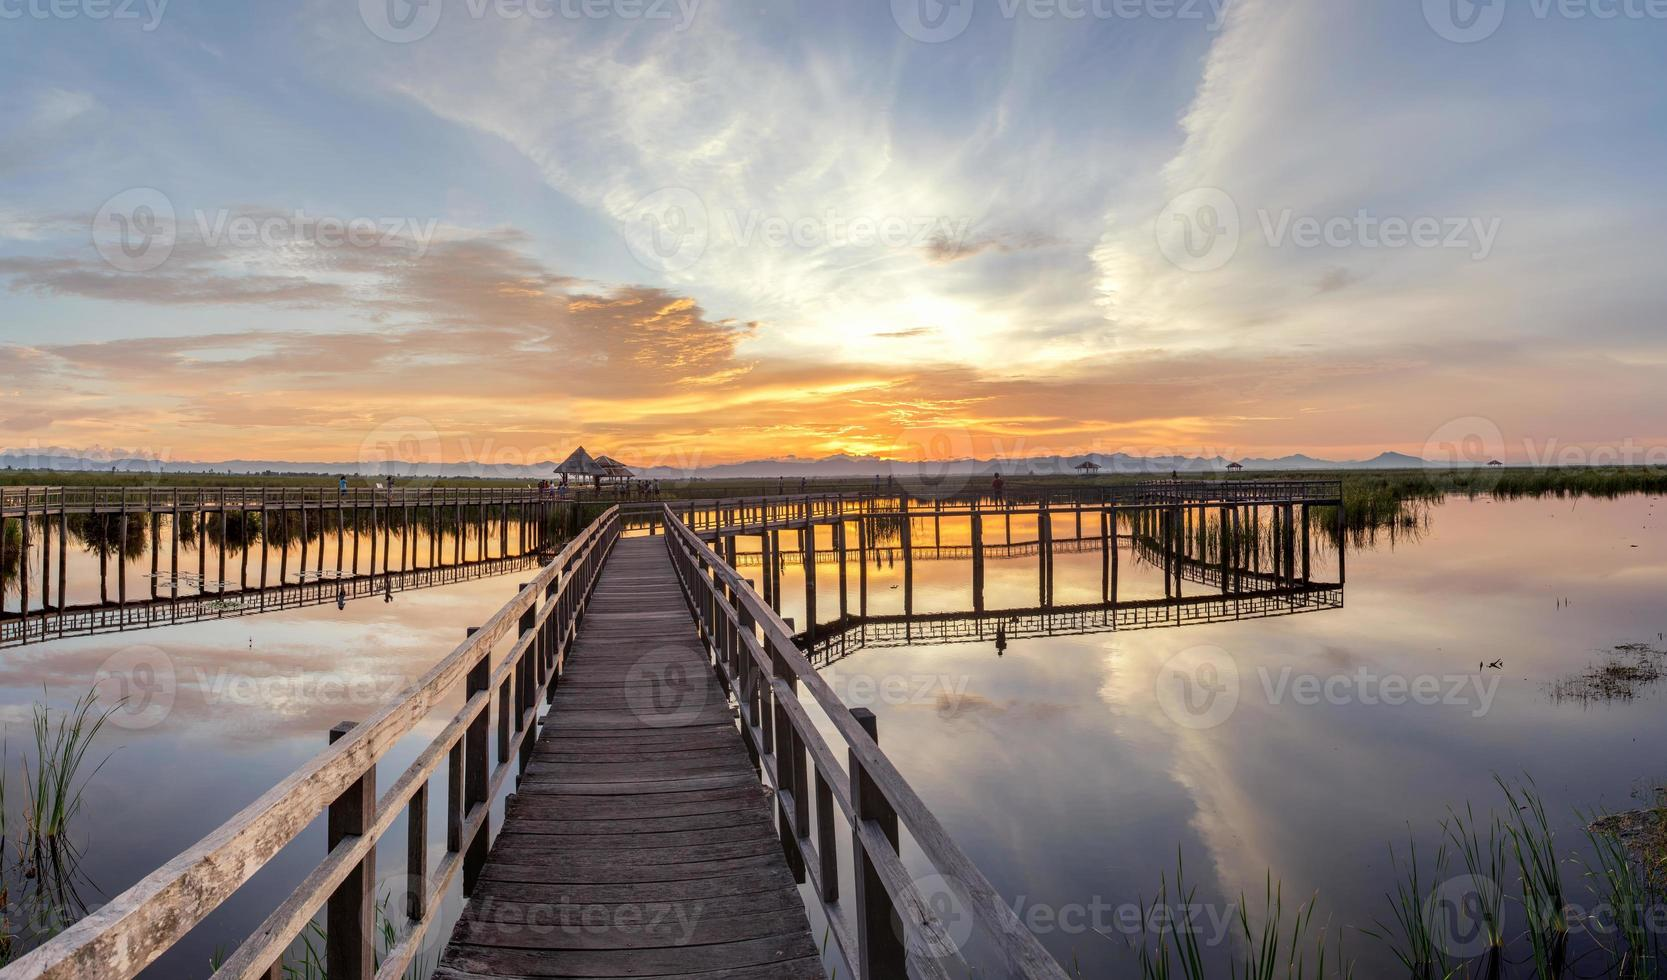 houten brug in lotus meer op zonsondergang tijd foto